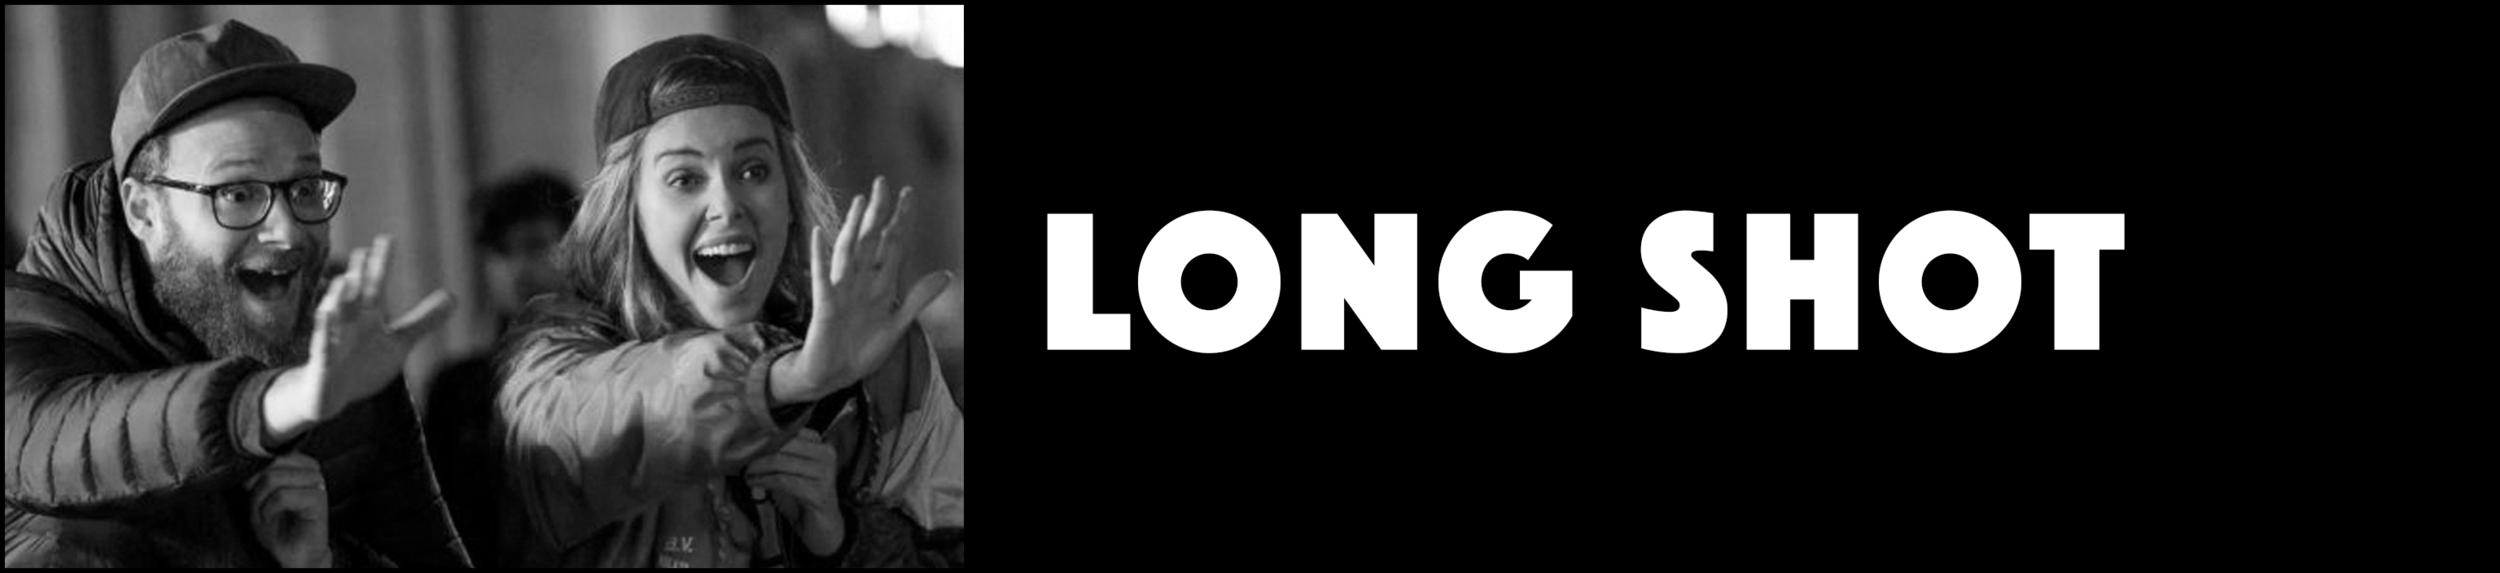 Long Shot.png